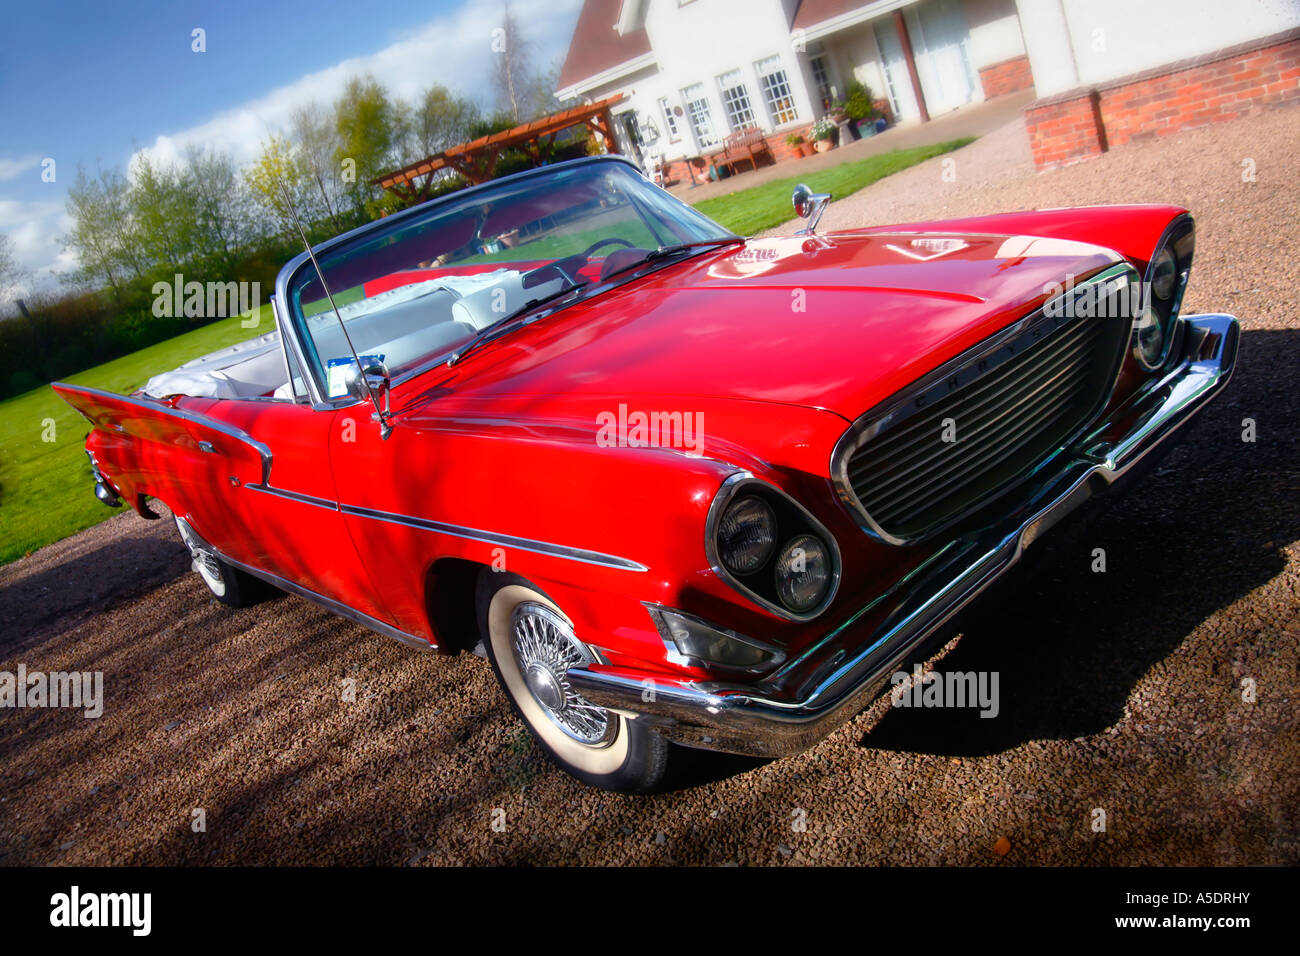 Chrysler1 - Stock Image